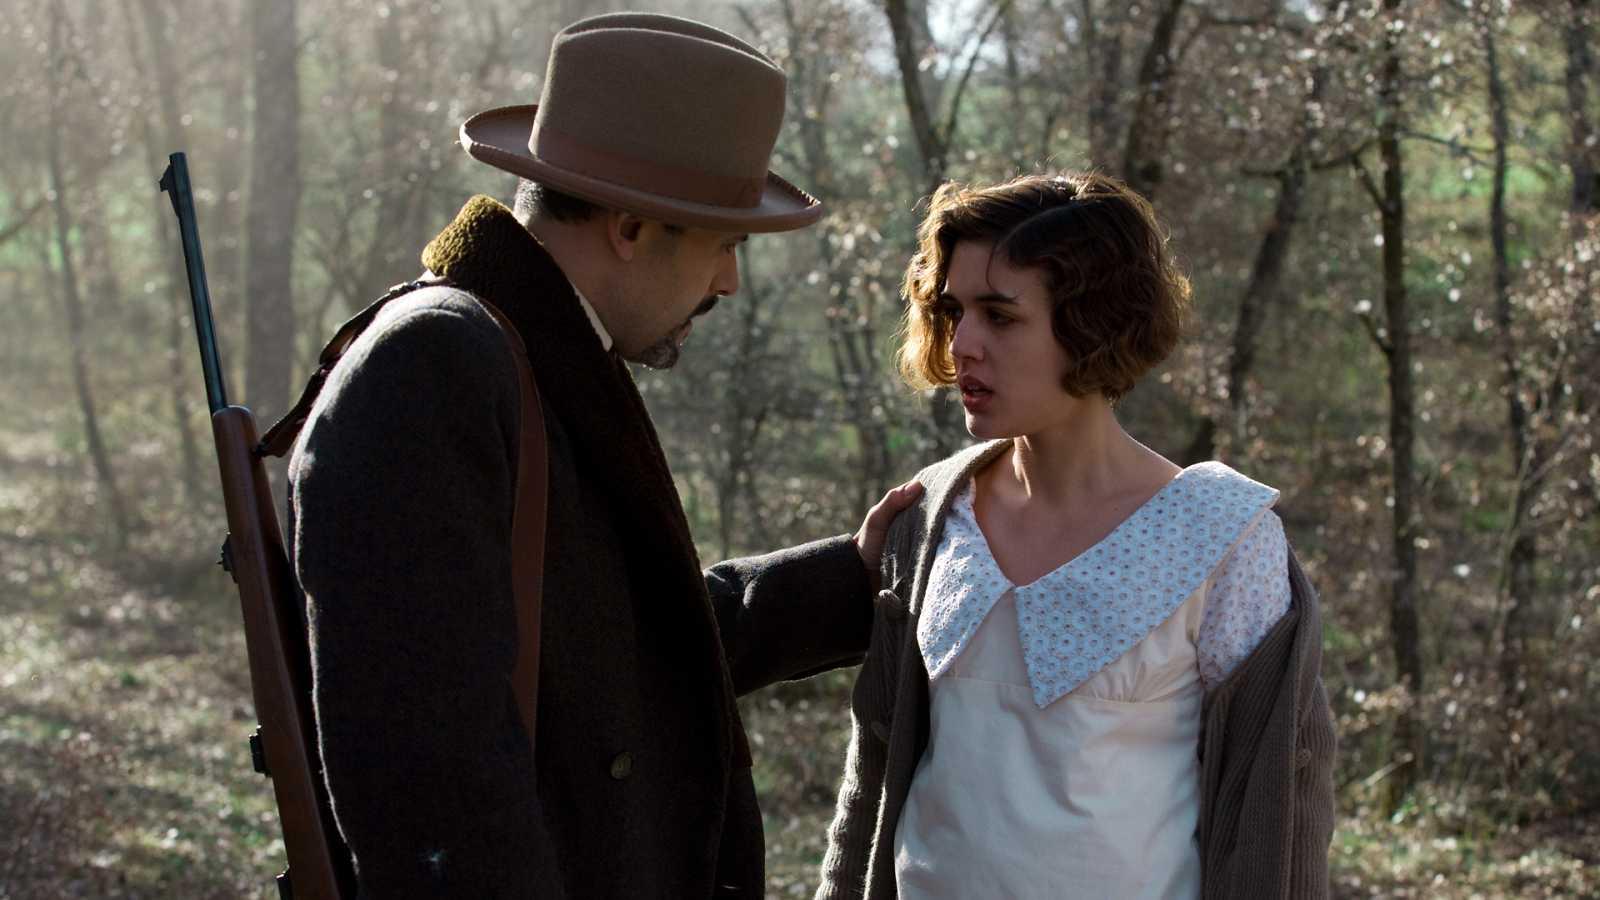 La Señora - Capítulo 6 - La decisión de Ángel de ordenarse sacerdote hunde a Victoria en una profunda depresión - Ver ahora